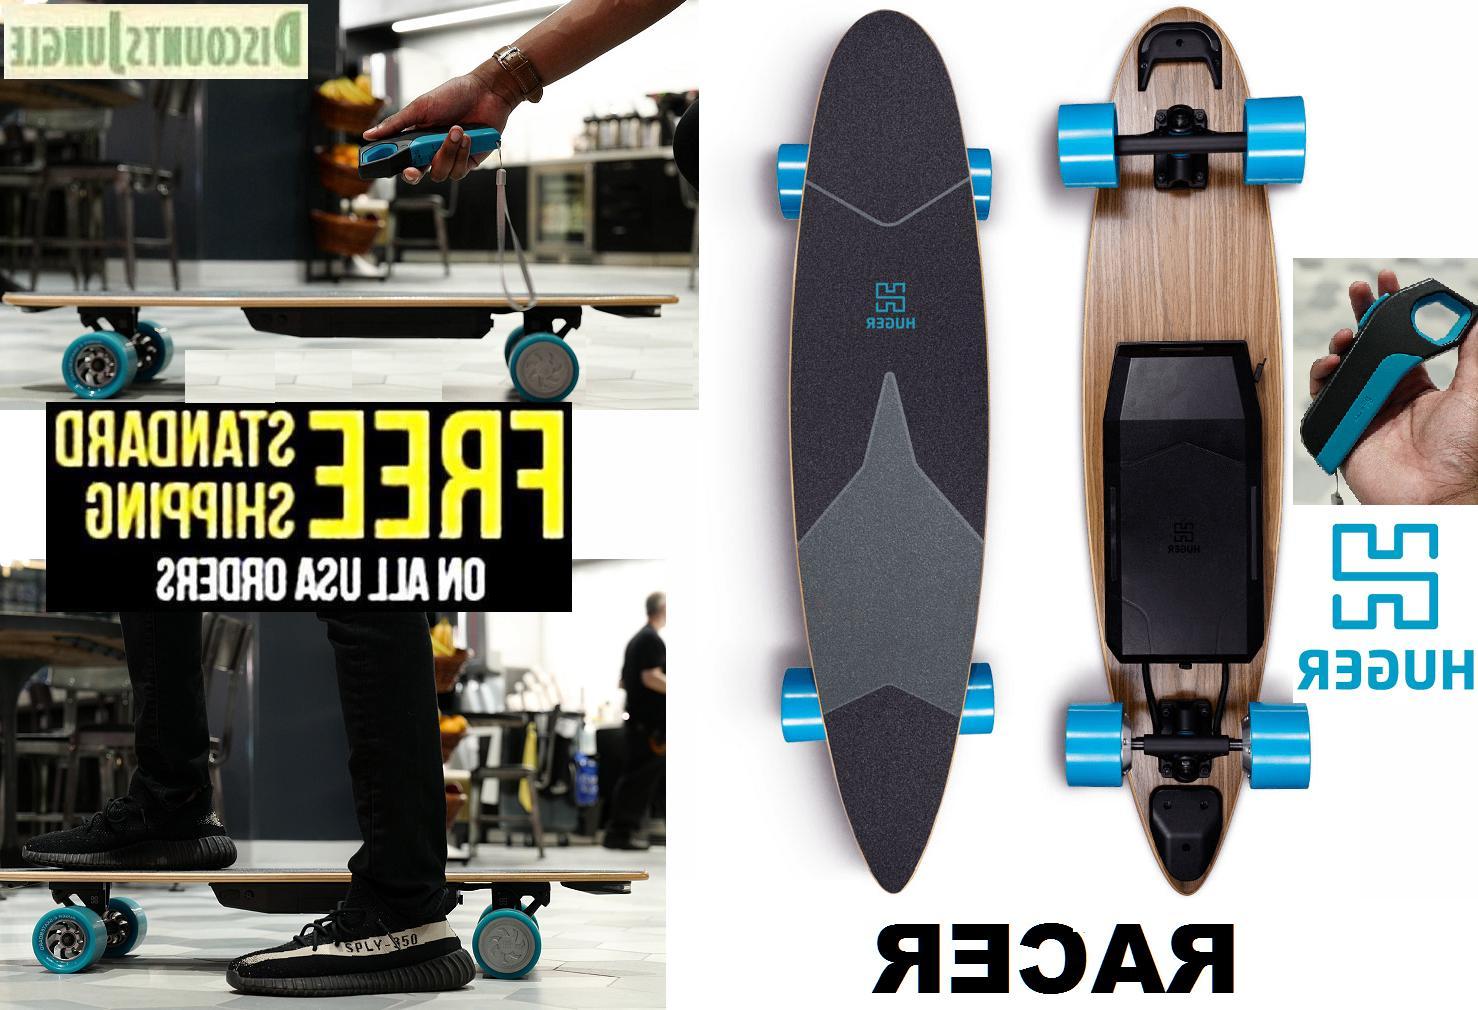 racer electric longboard skateboard 2000w top speed